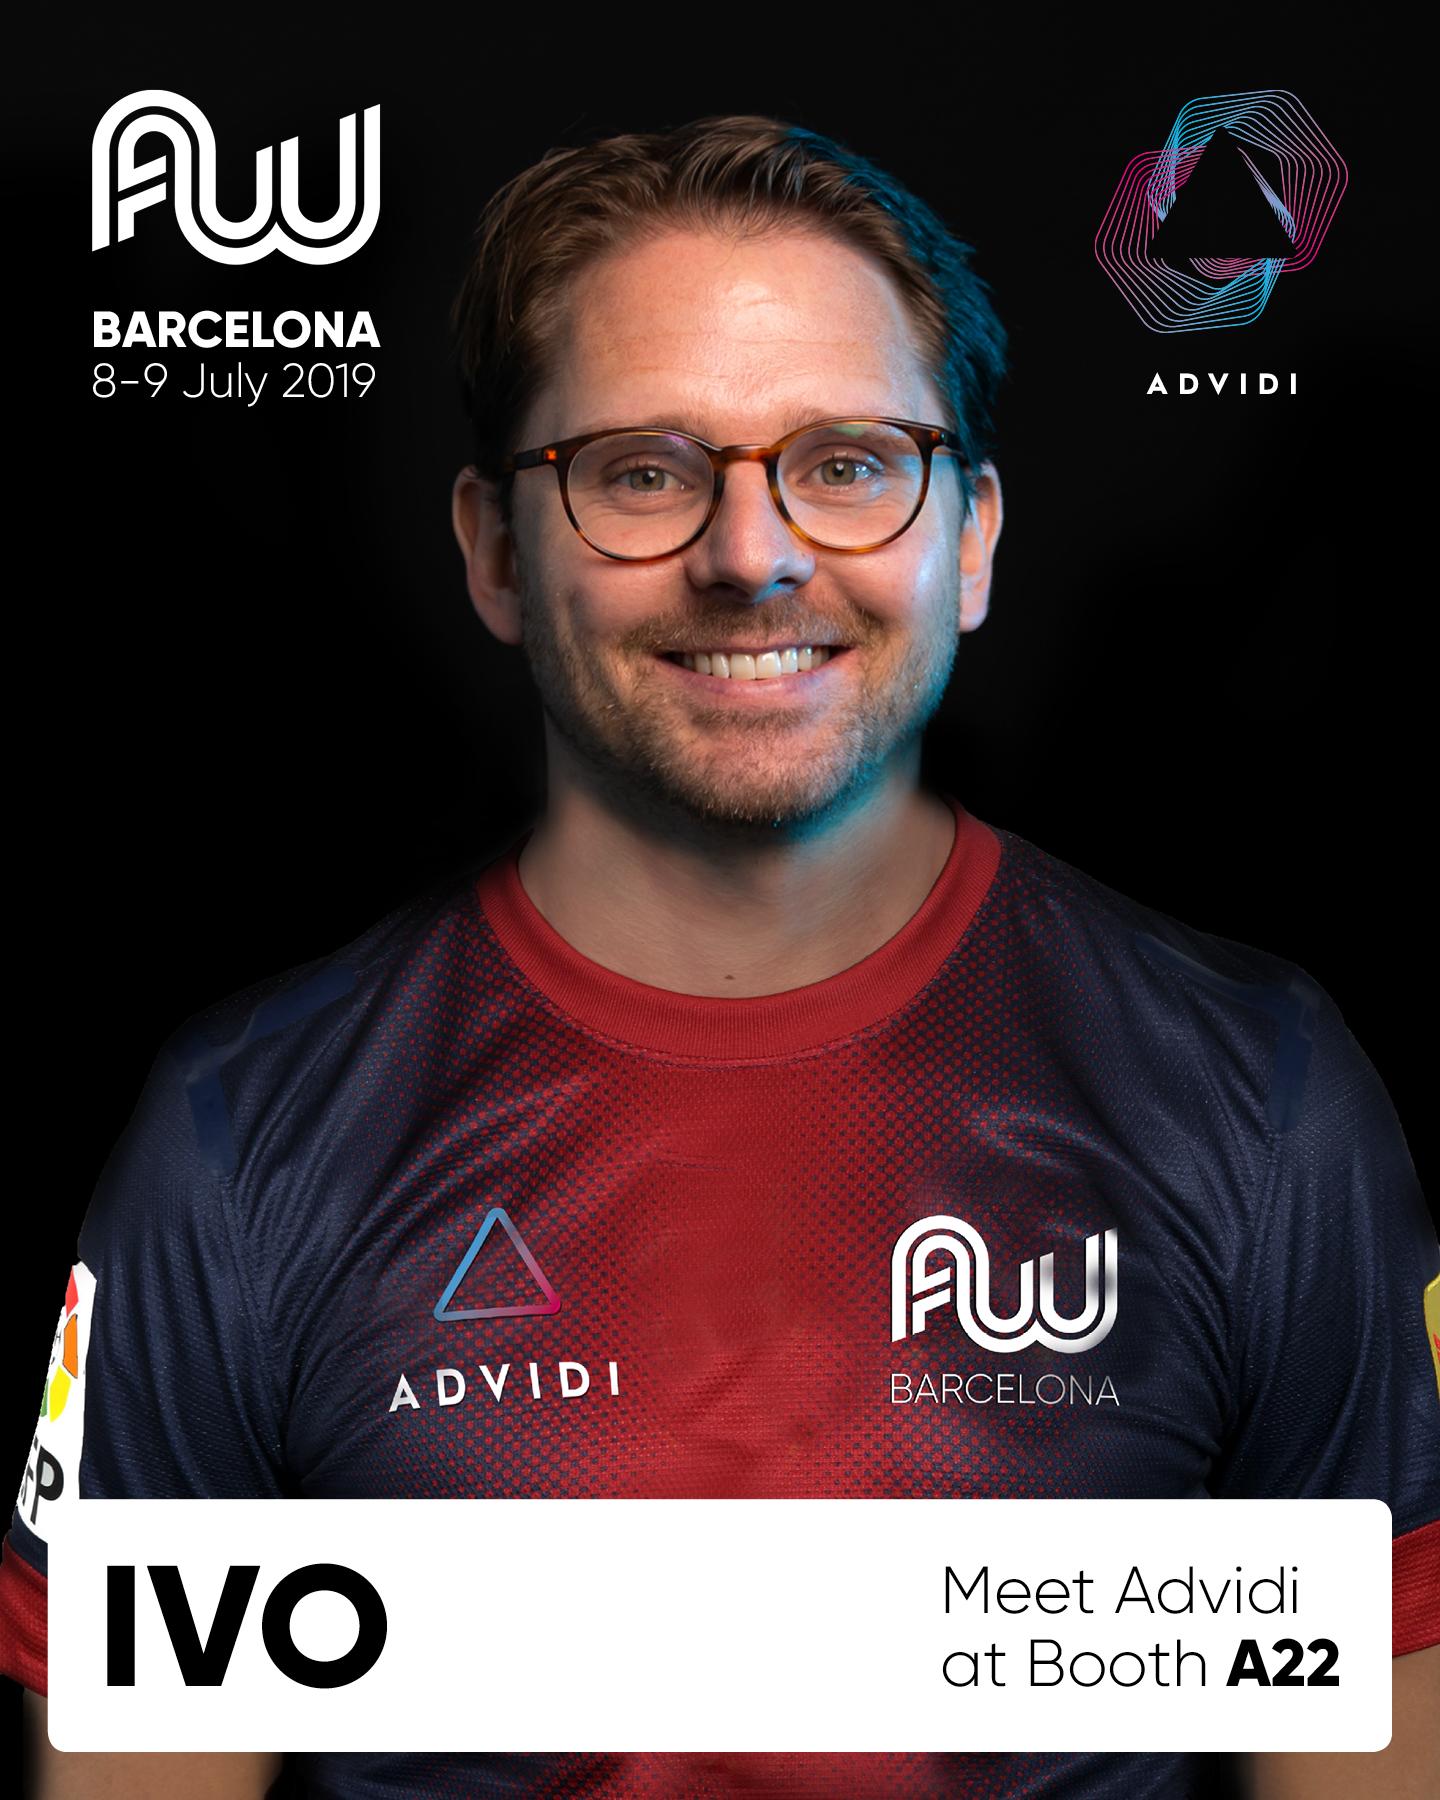 Ivo Advidi